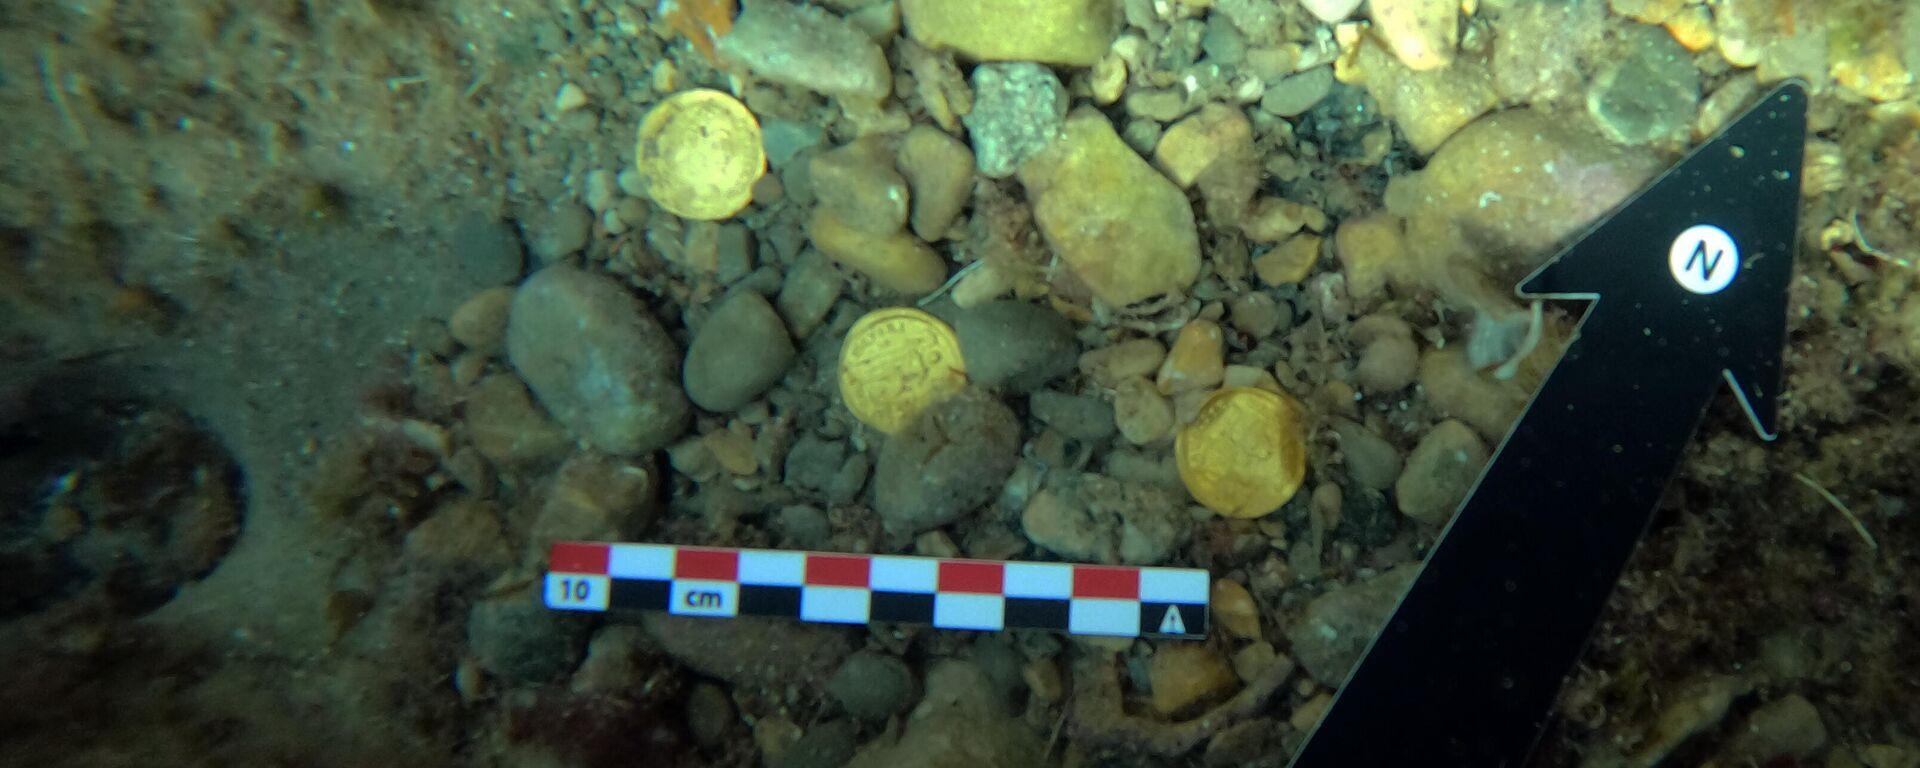 Monedas romanas encontradas en Jávea - Sputnik Mundo, 1920, 22.09.2021